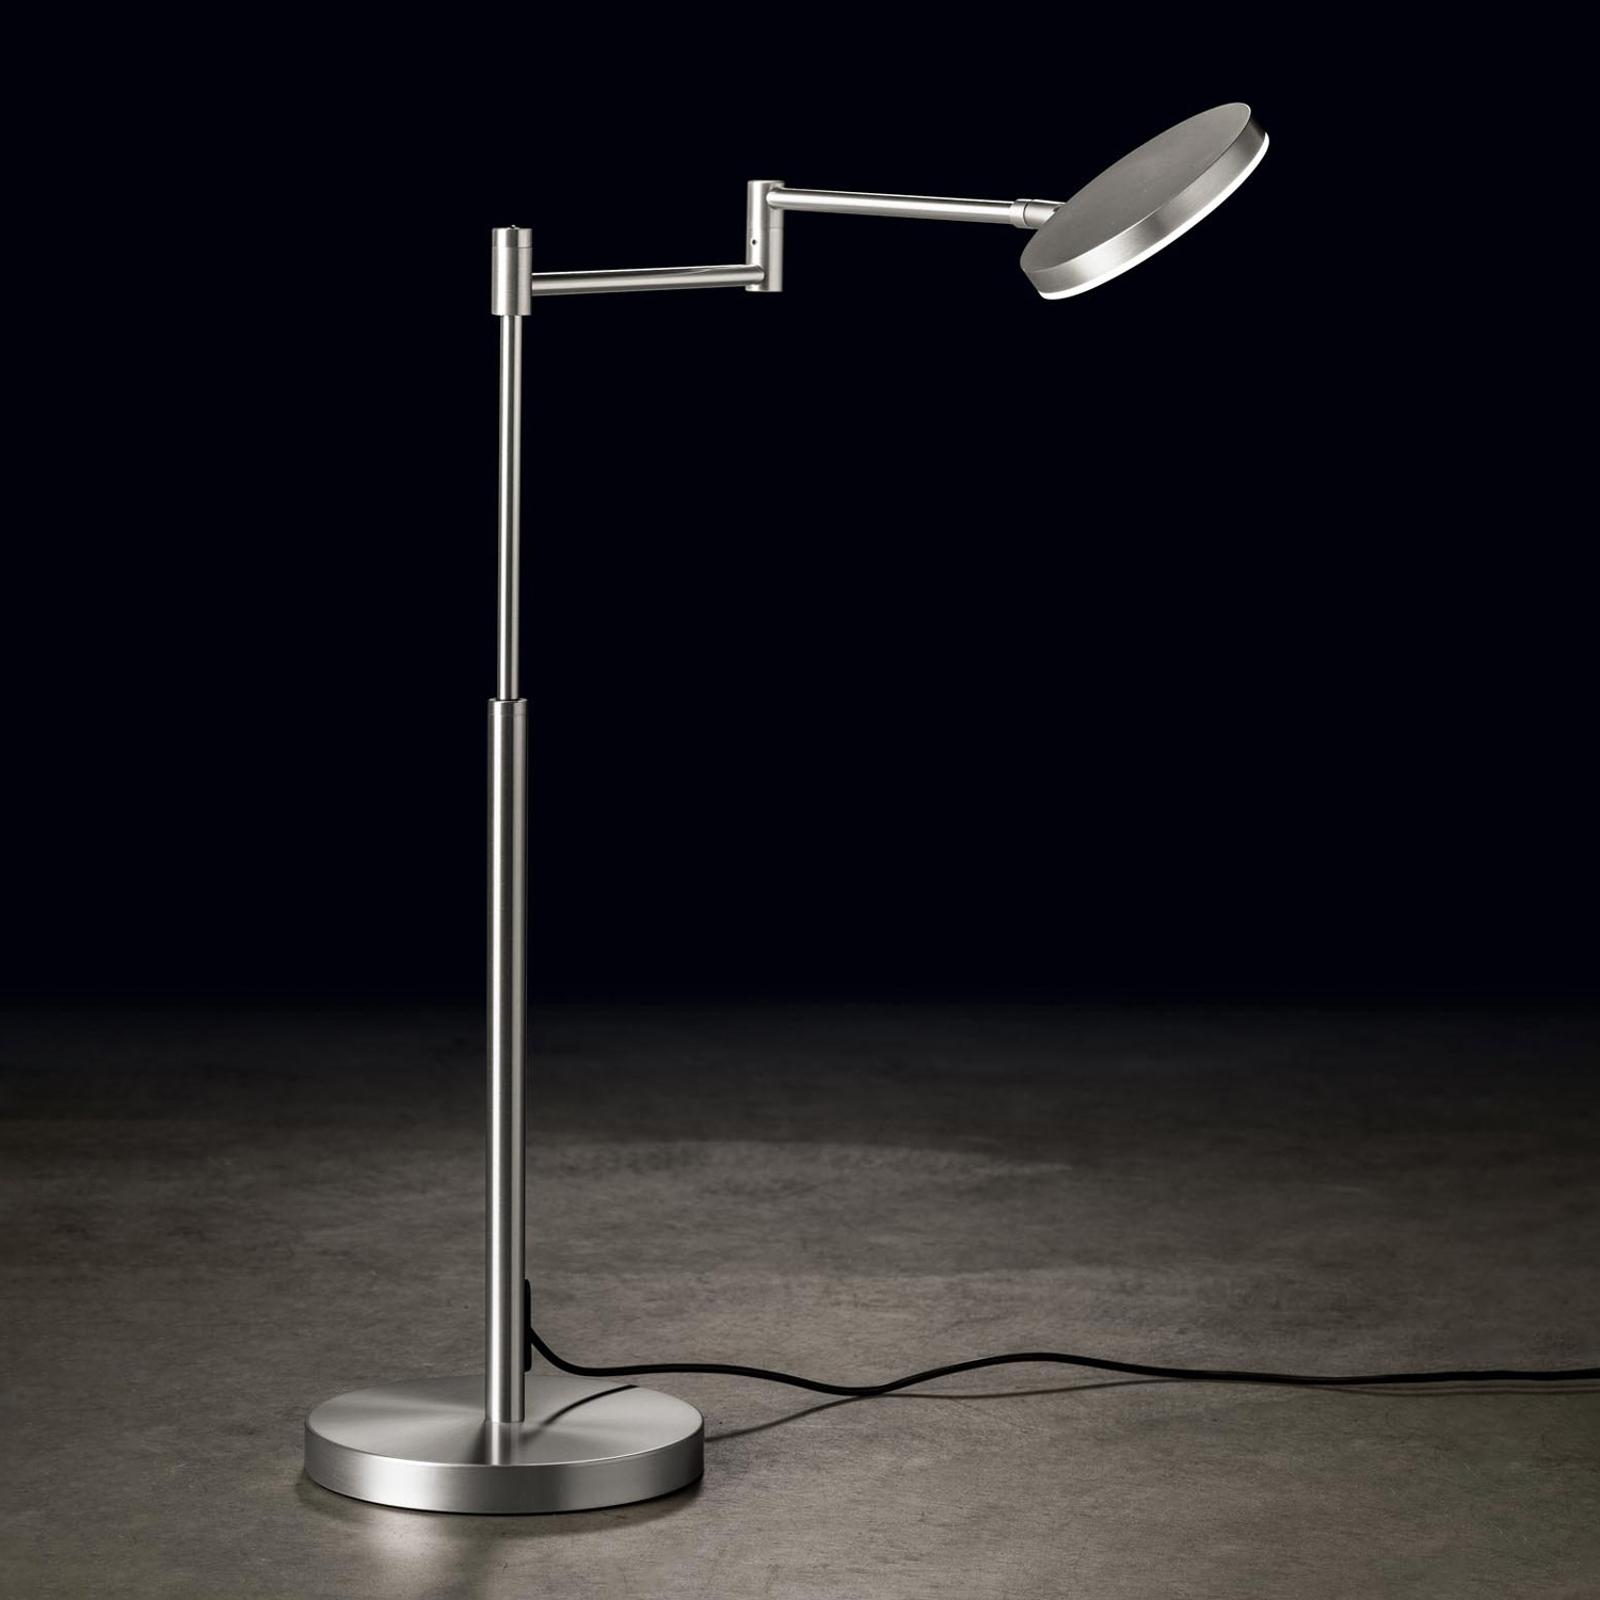 Holtkötter Plano T LED-Tischlampe alu matt